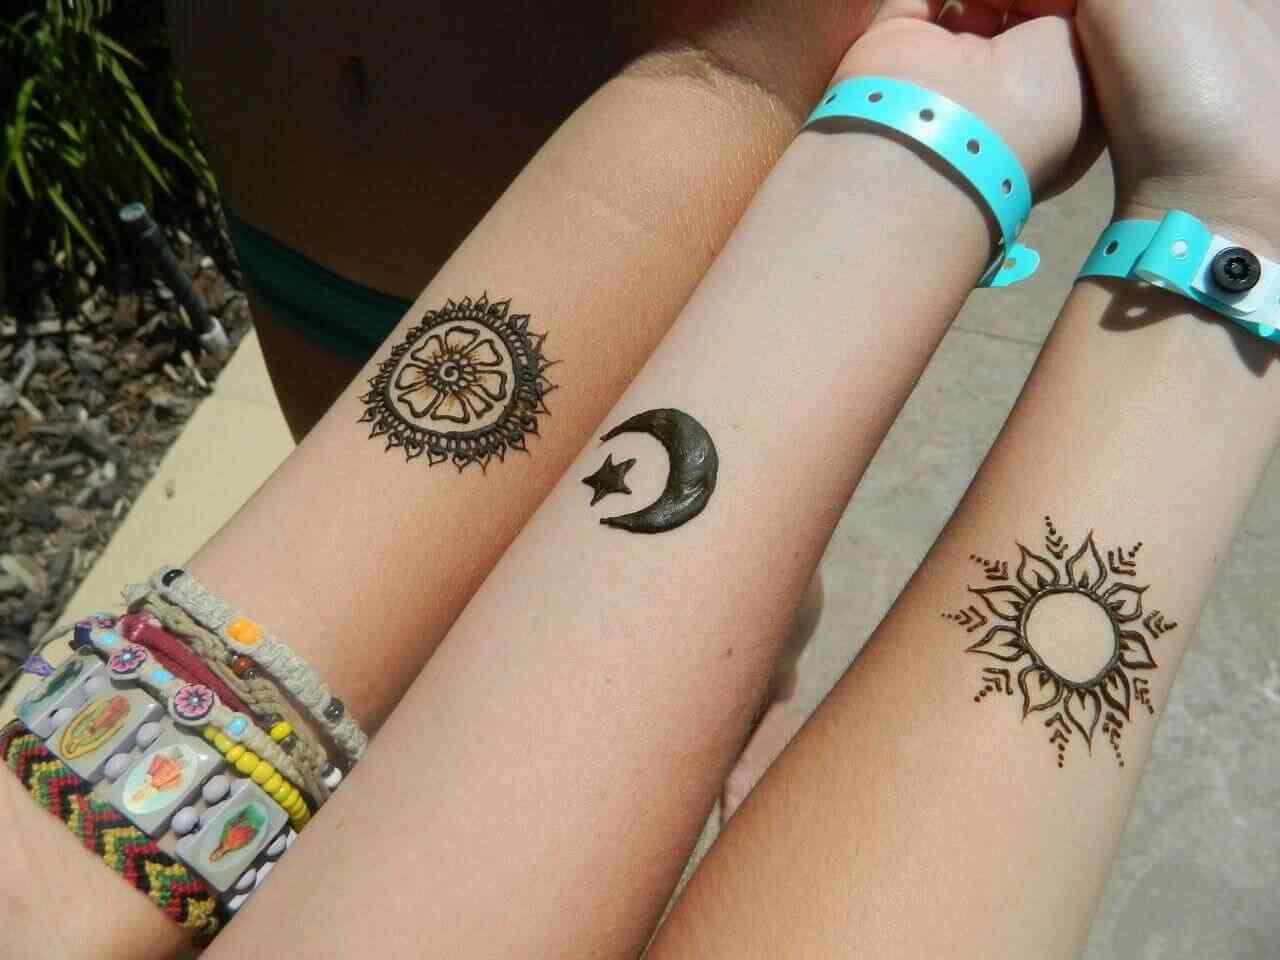 tatuaje pequeño en la muñeca - Simbolos sol, lona, mandala